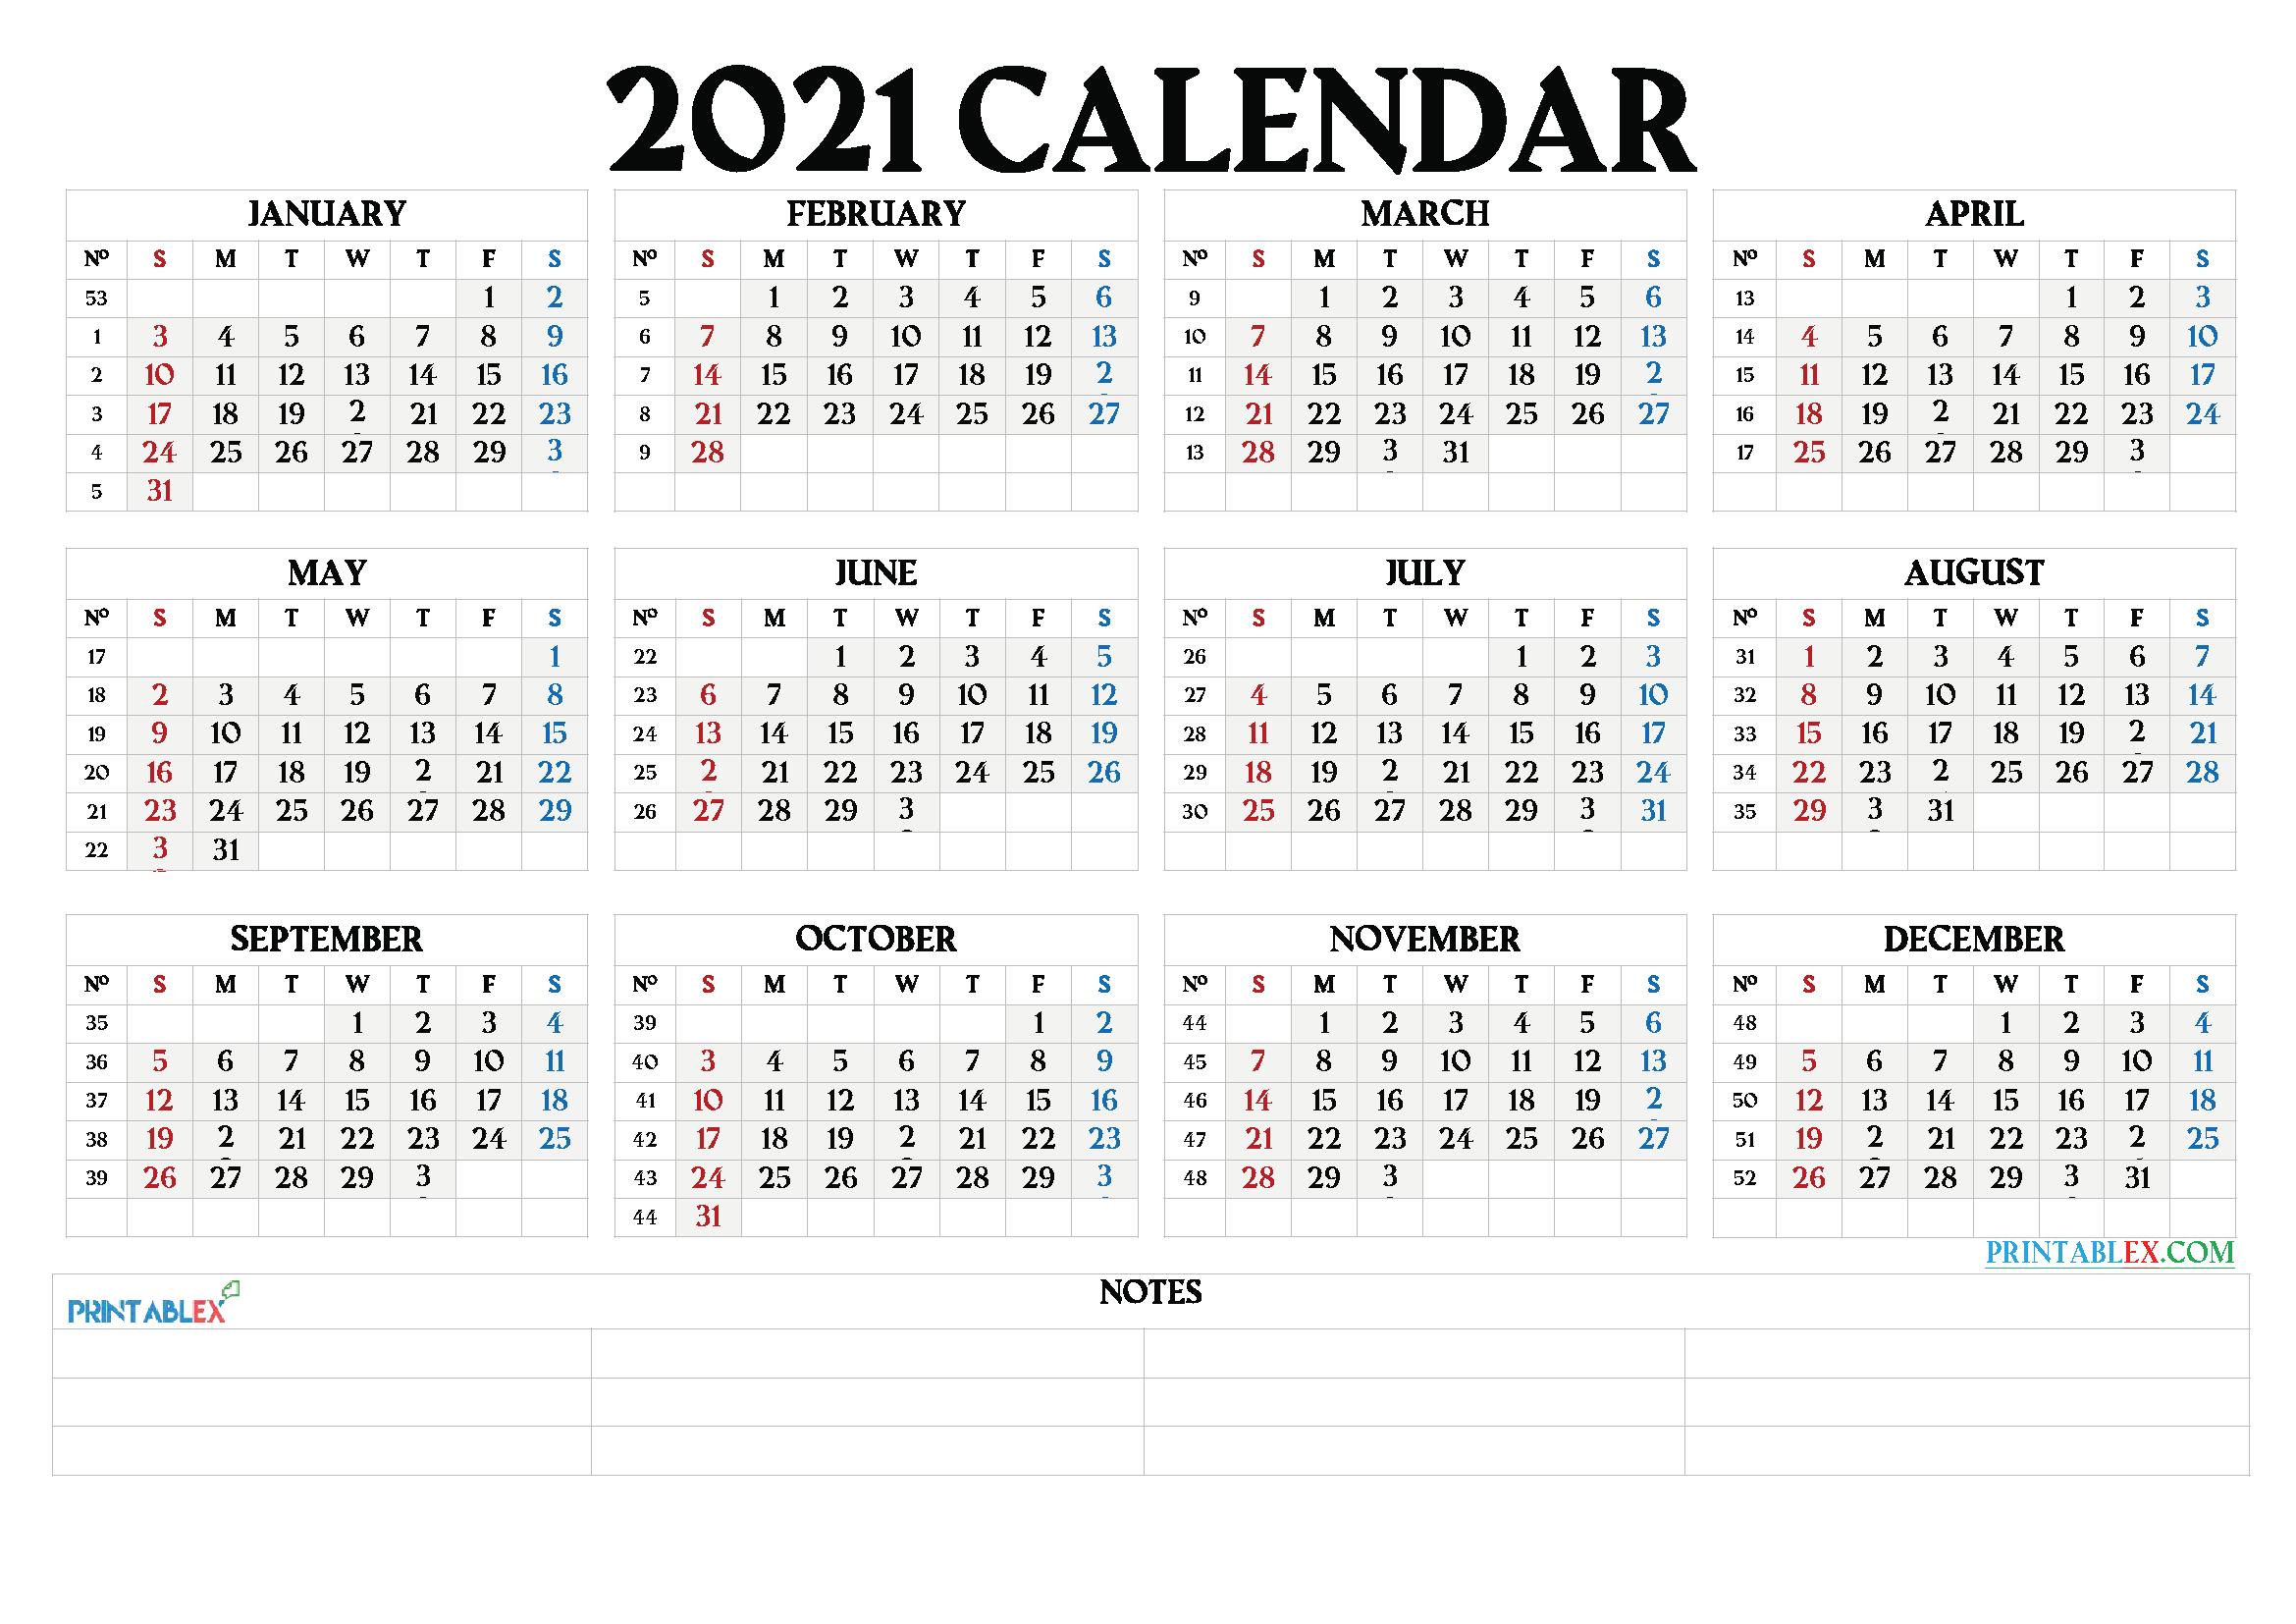 Free 12 Month Word Calendar Template 2021 : 2021 Calendar-Fillable Calendar 2021-2021 Year